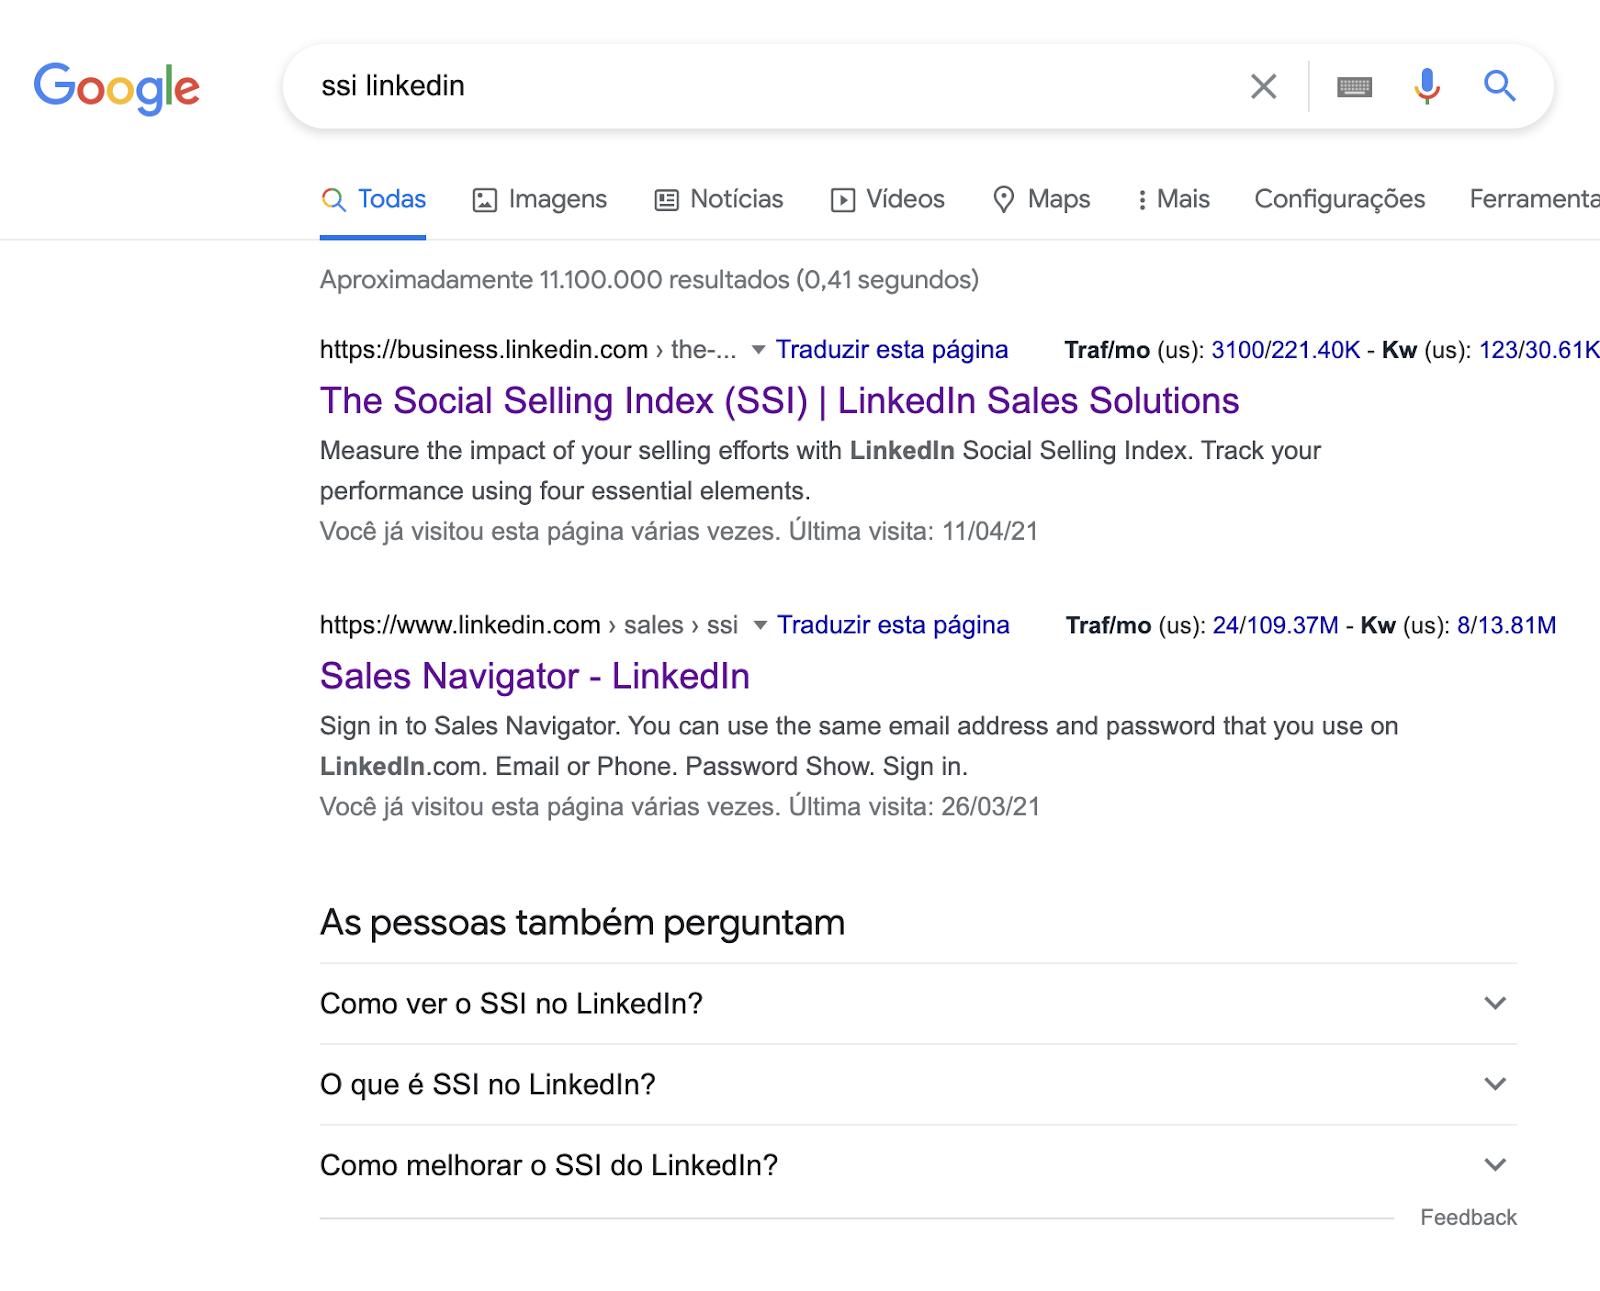 """Imagem do navegador de buscas do Google com pesquisa por """"ssi linkedin"""""""